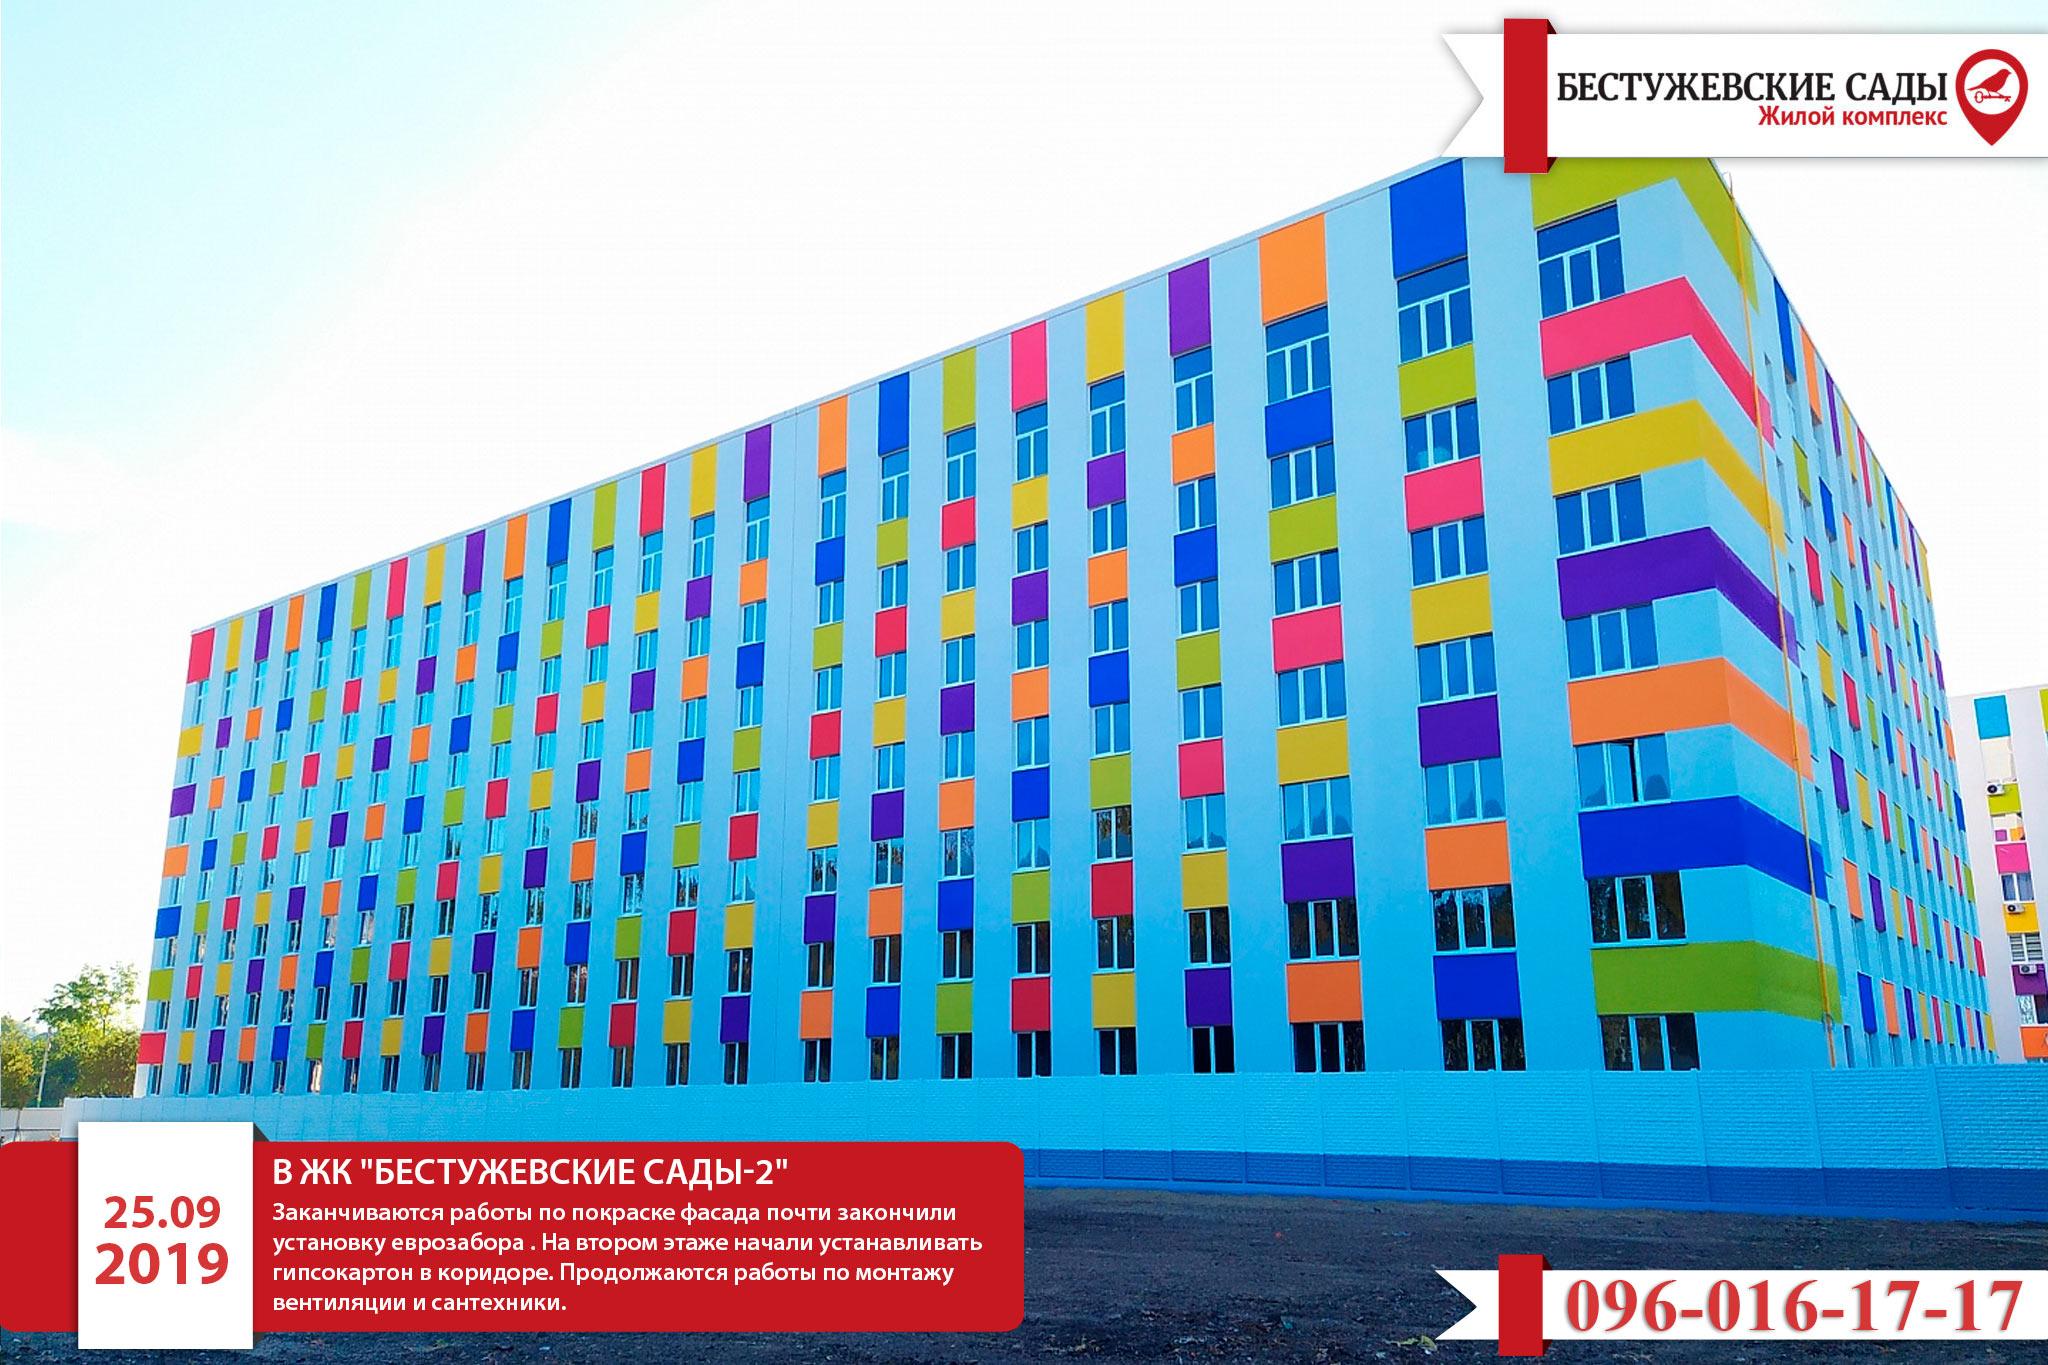 Новости о строительстве жилого комплекса «Бестужевские сады»